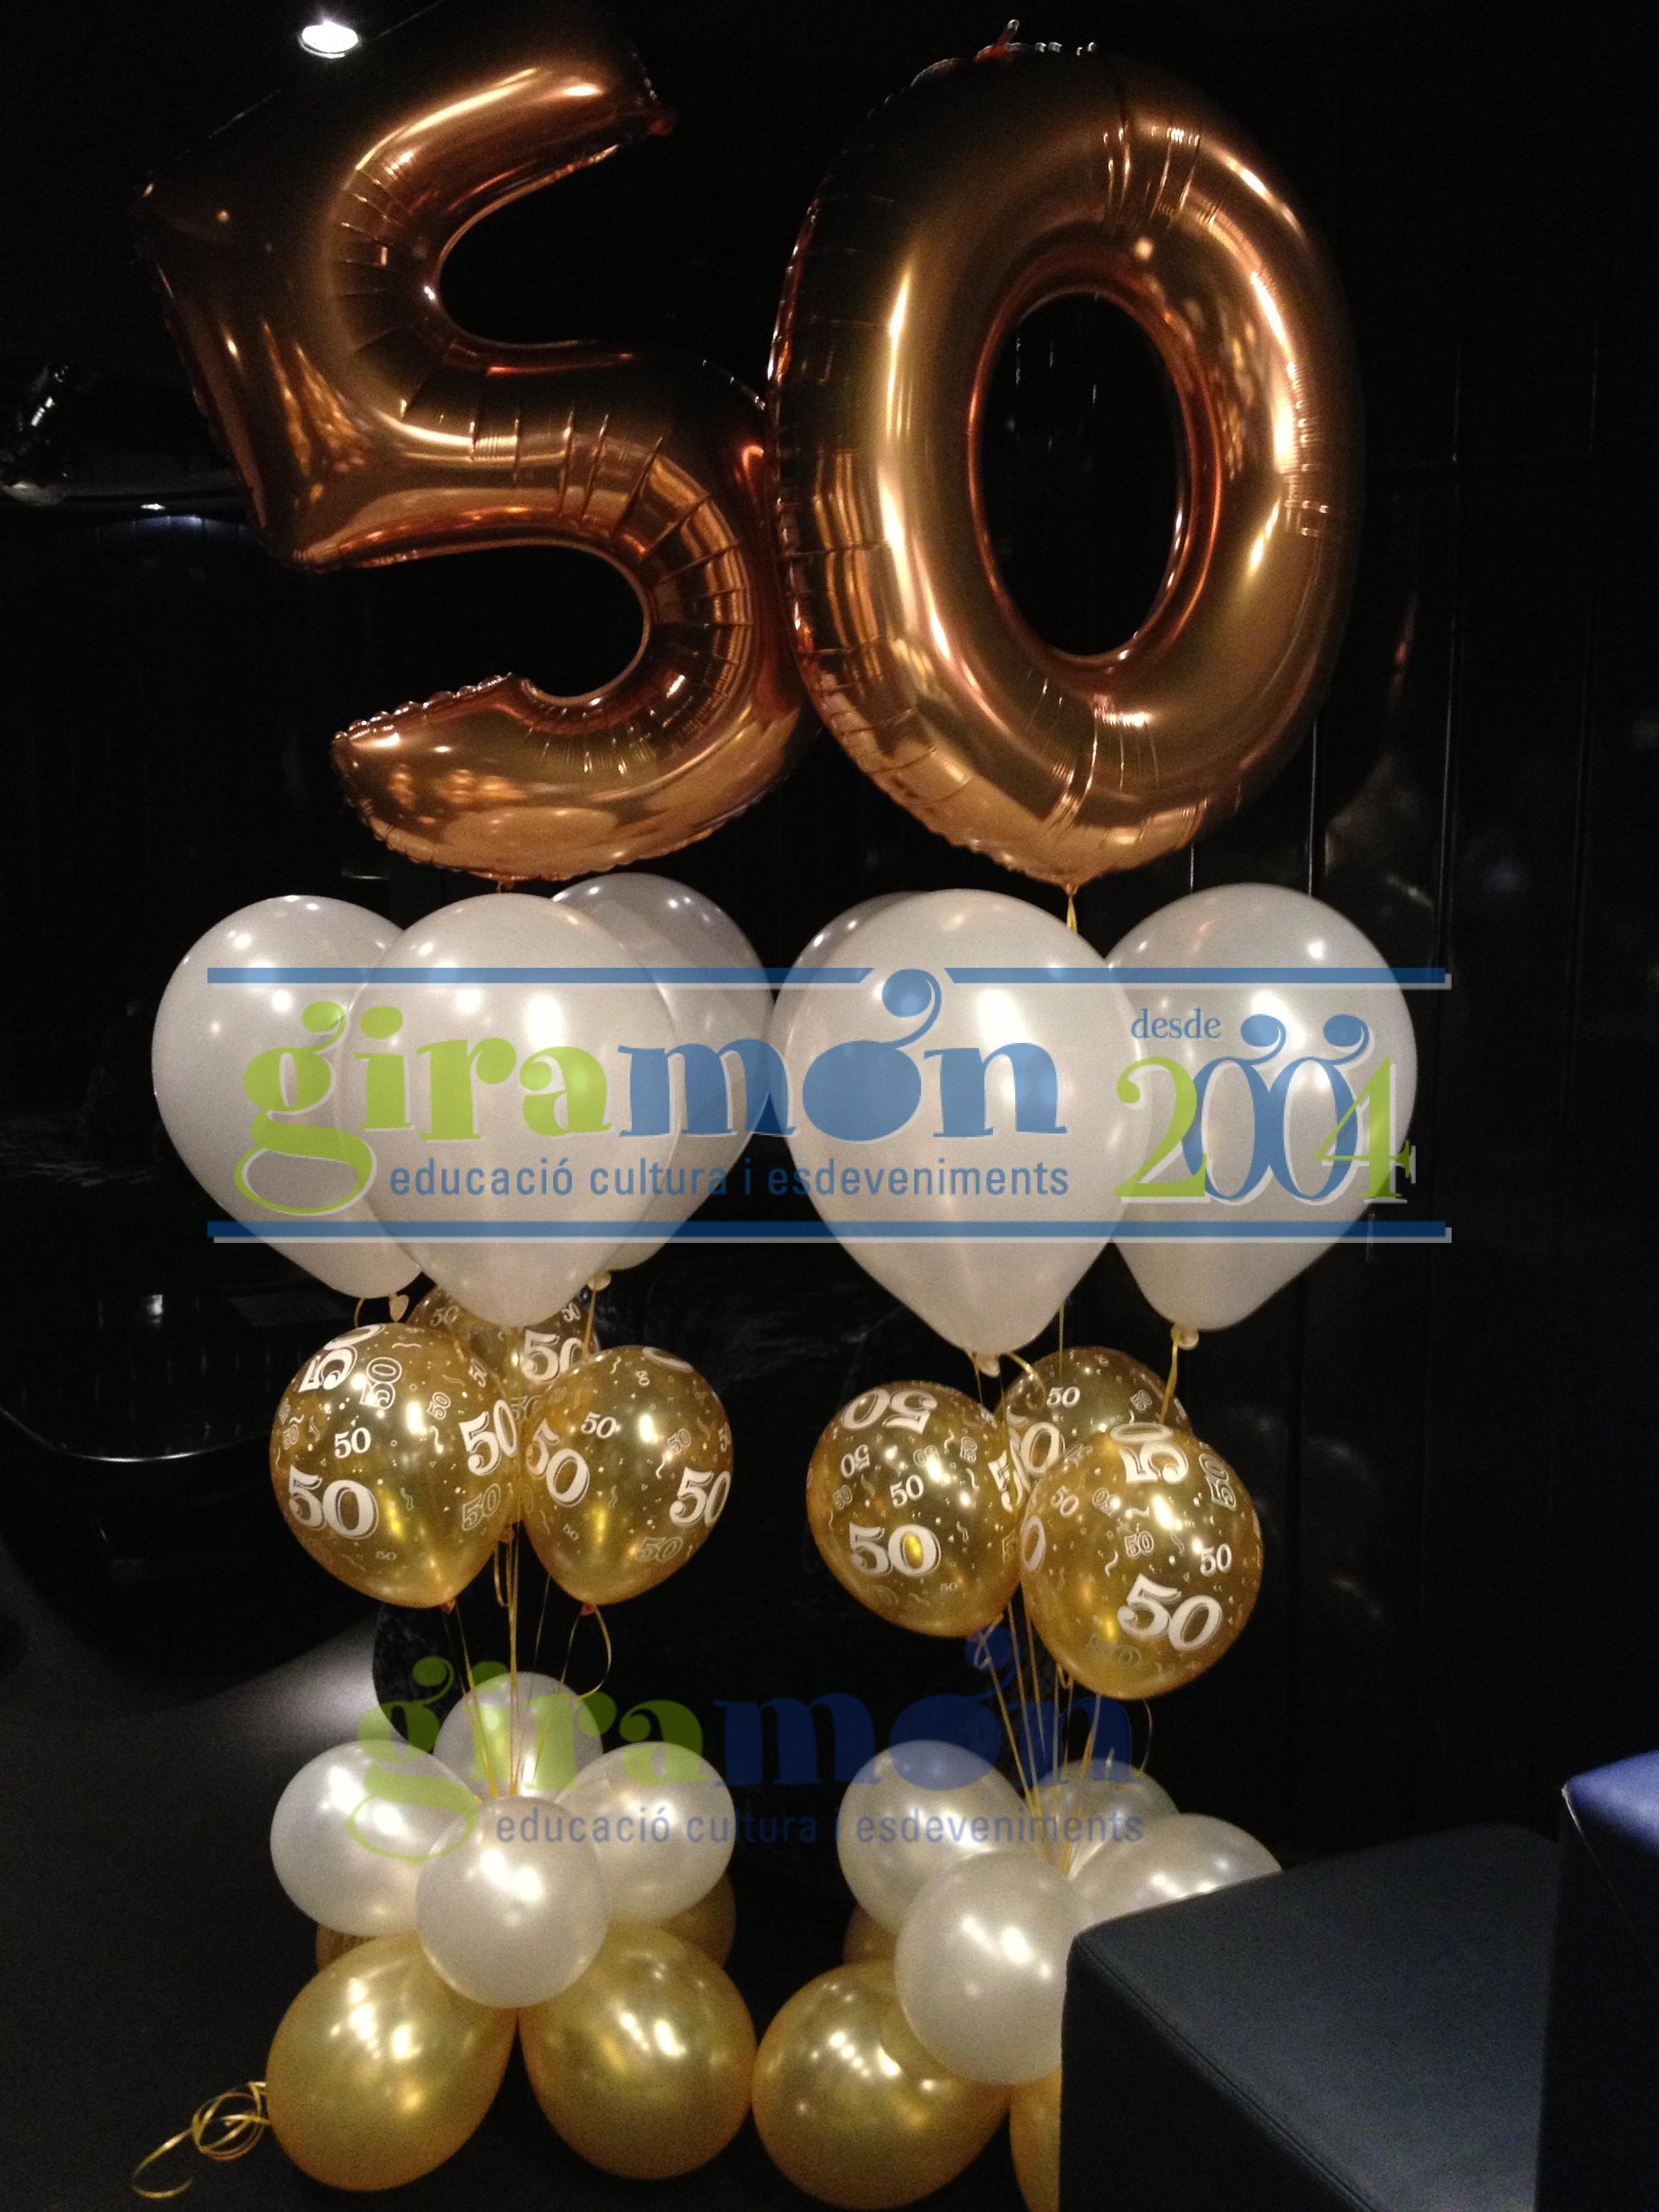 Ramo con globos aniversario giram n giram n for Decoracion 40 aniversario de bodas